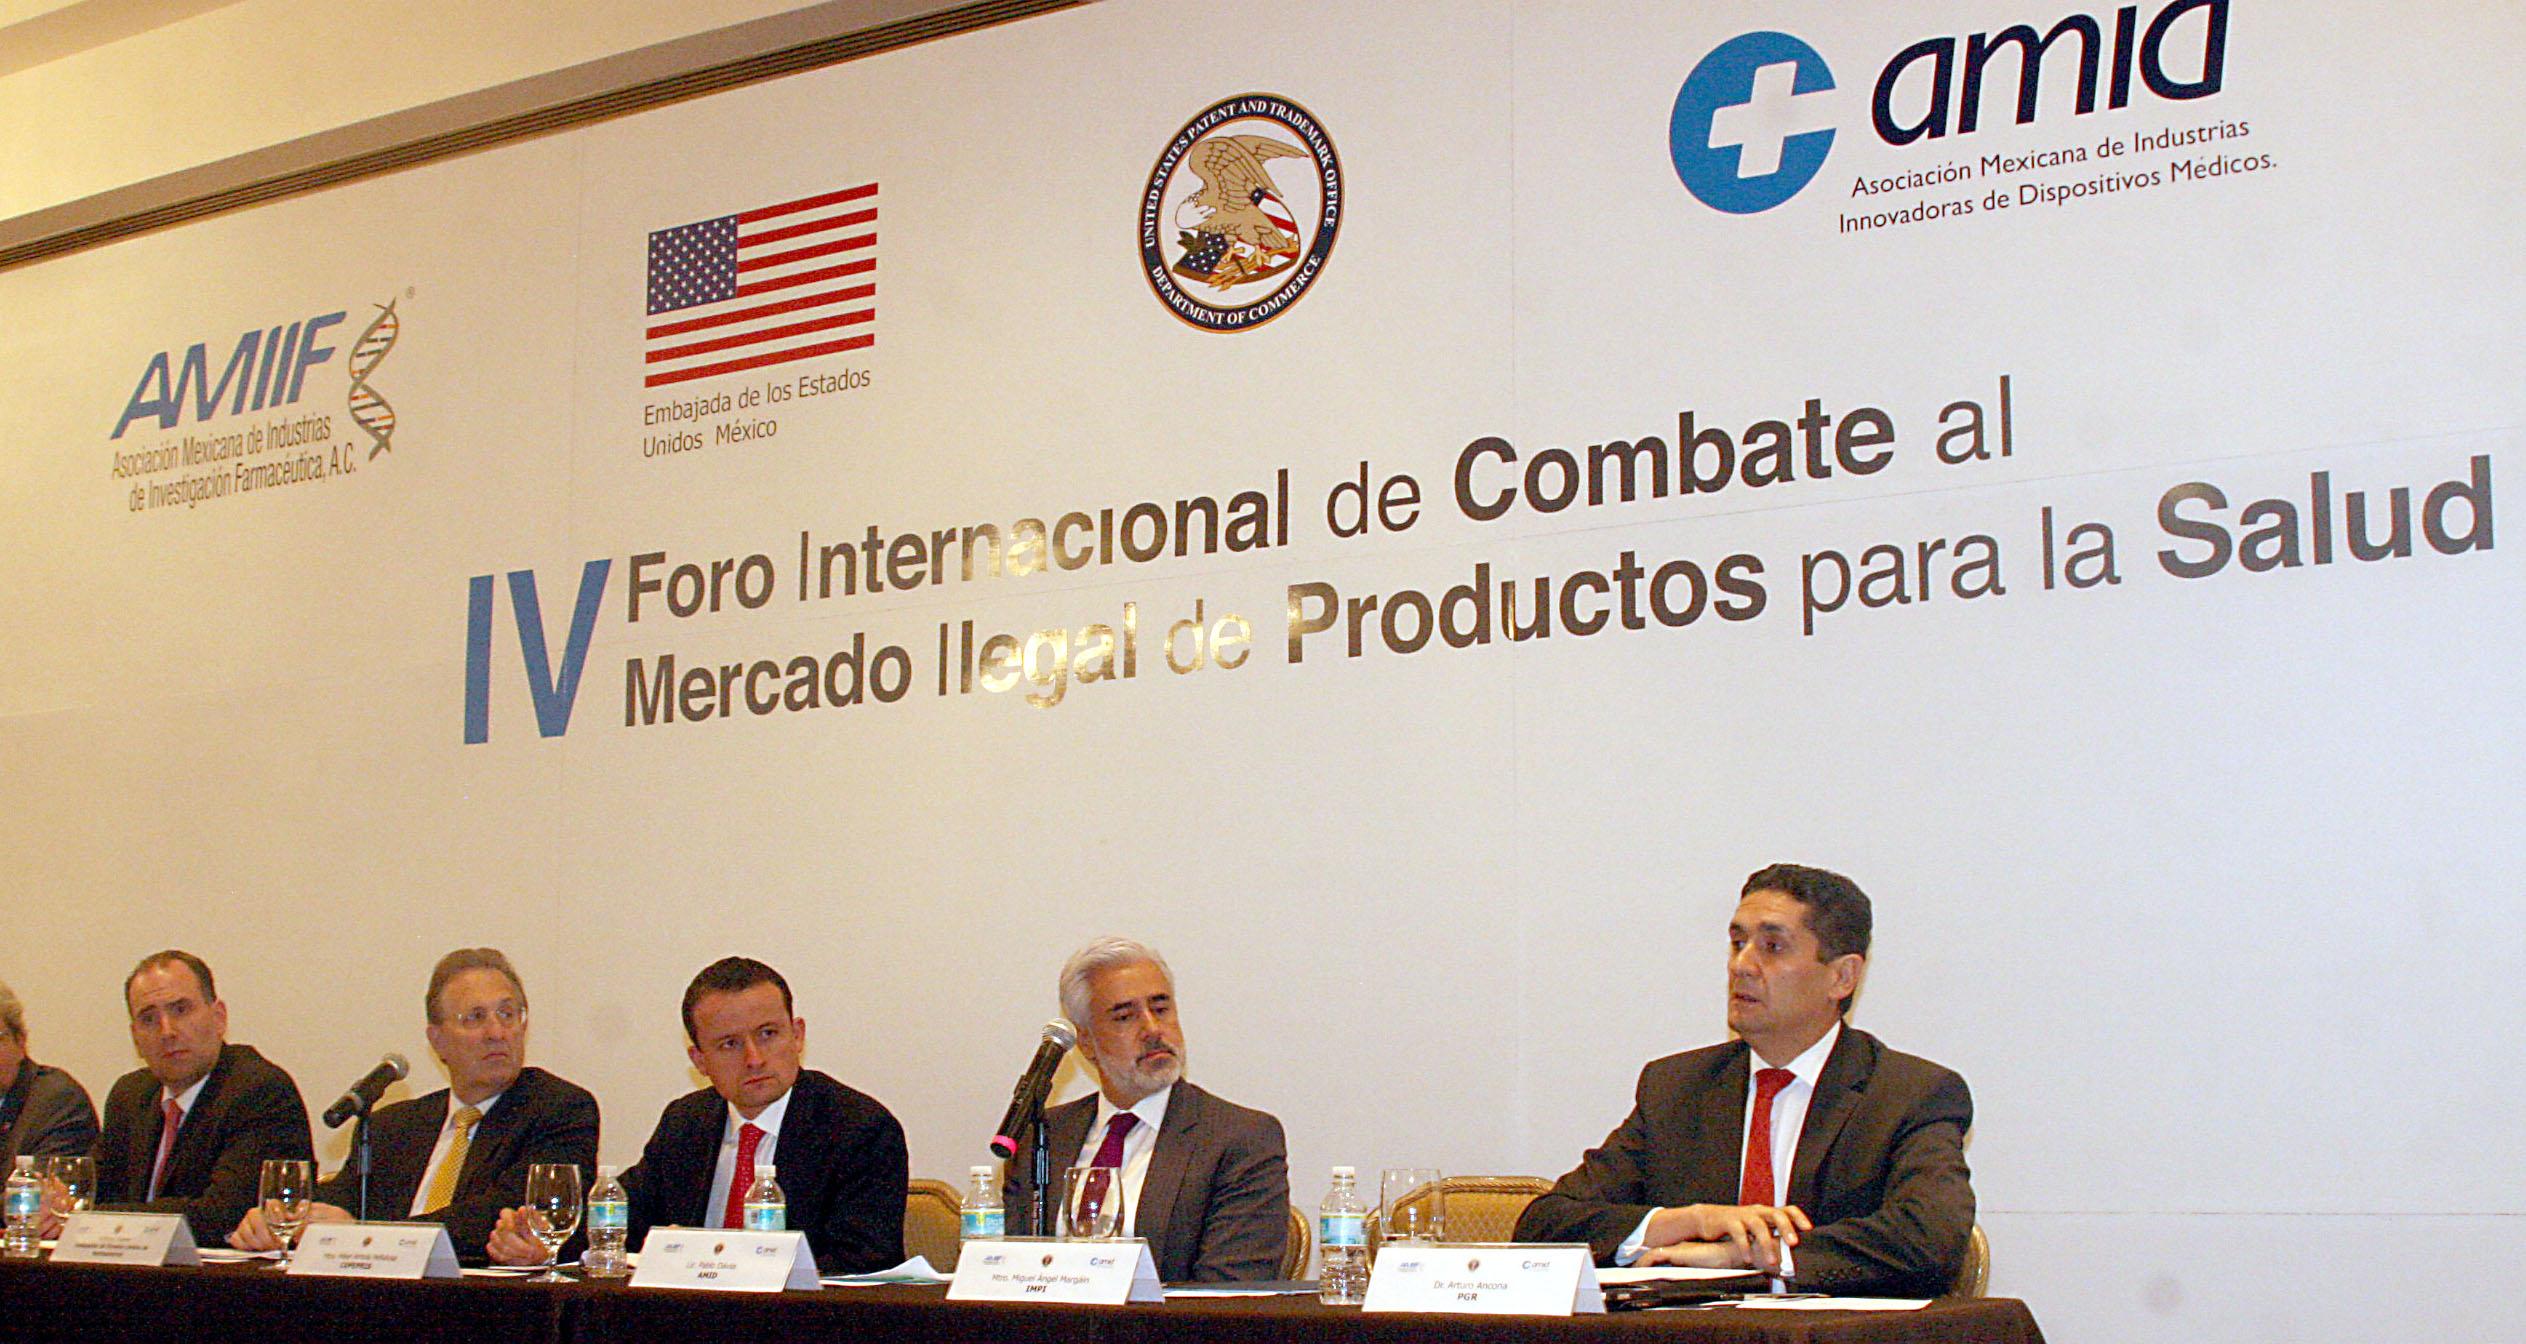 IV Foro Internacional de combate al mercado ilegal de productos para la salud